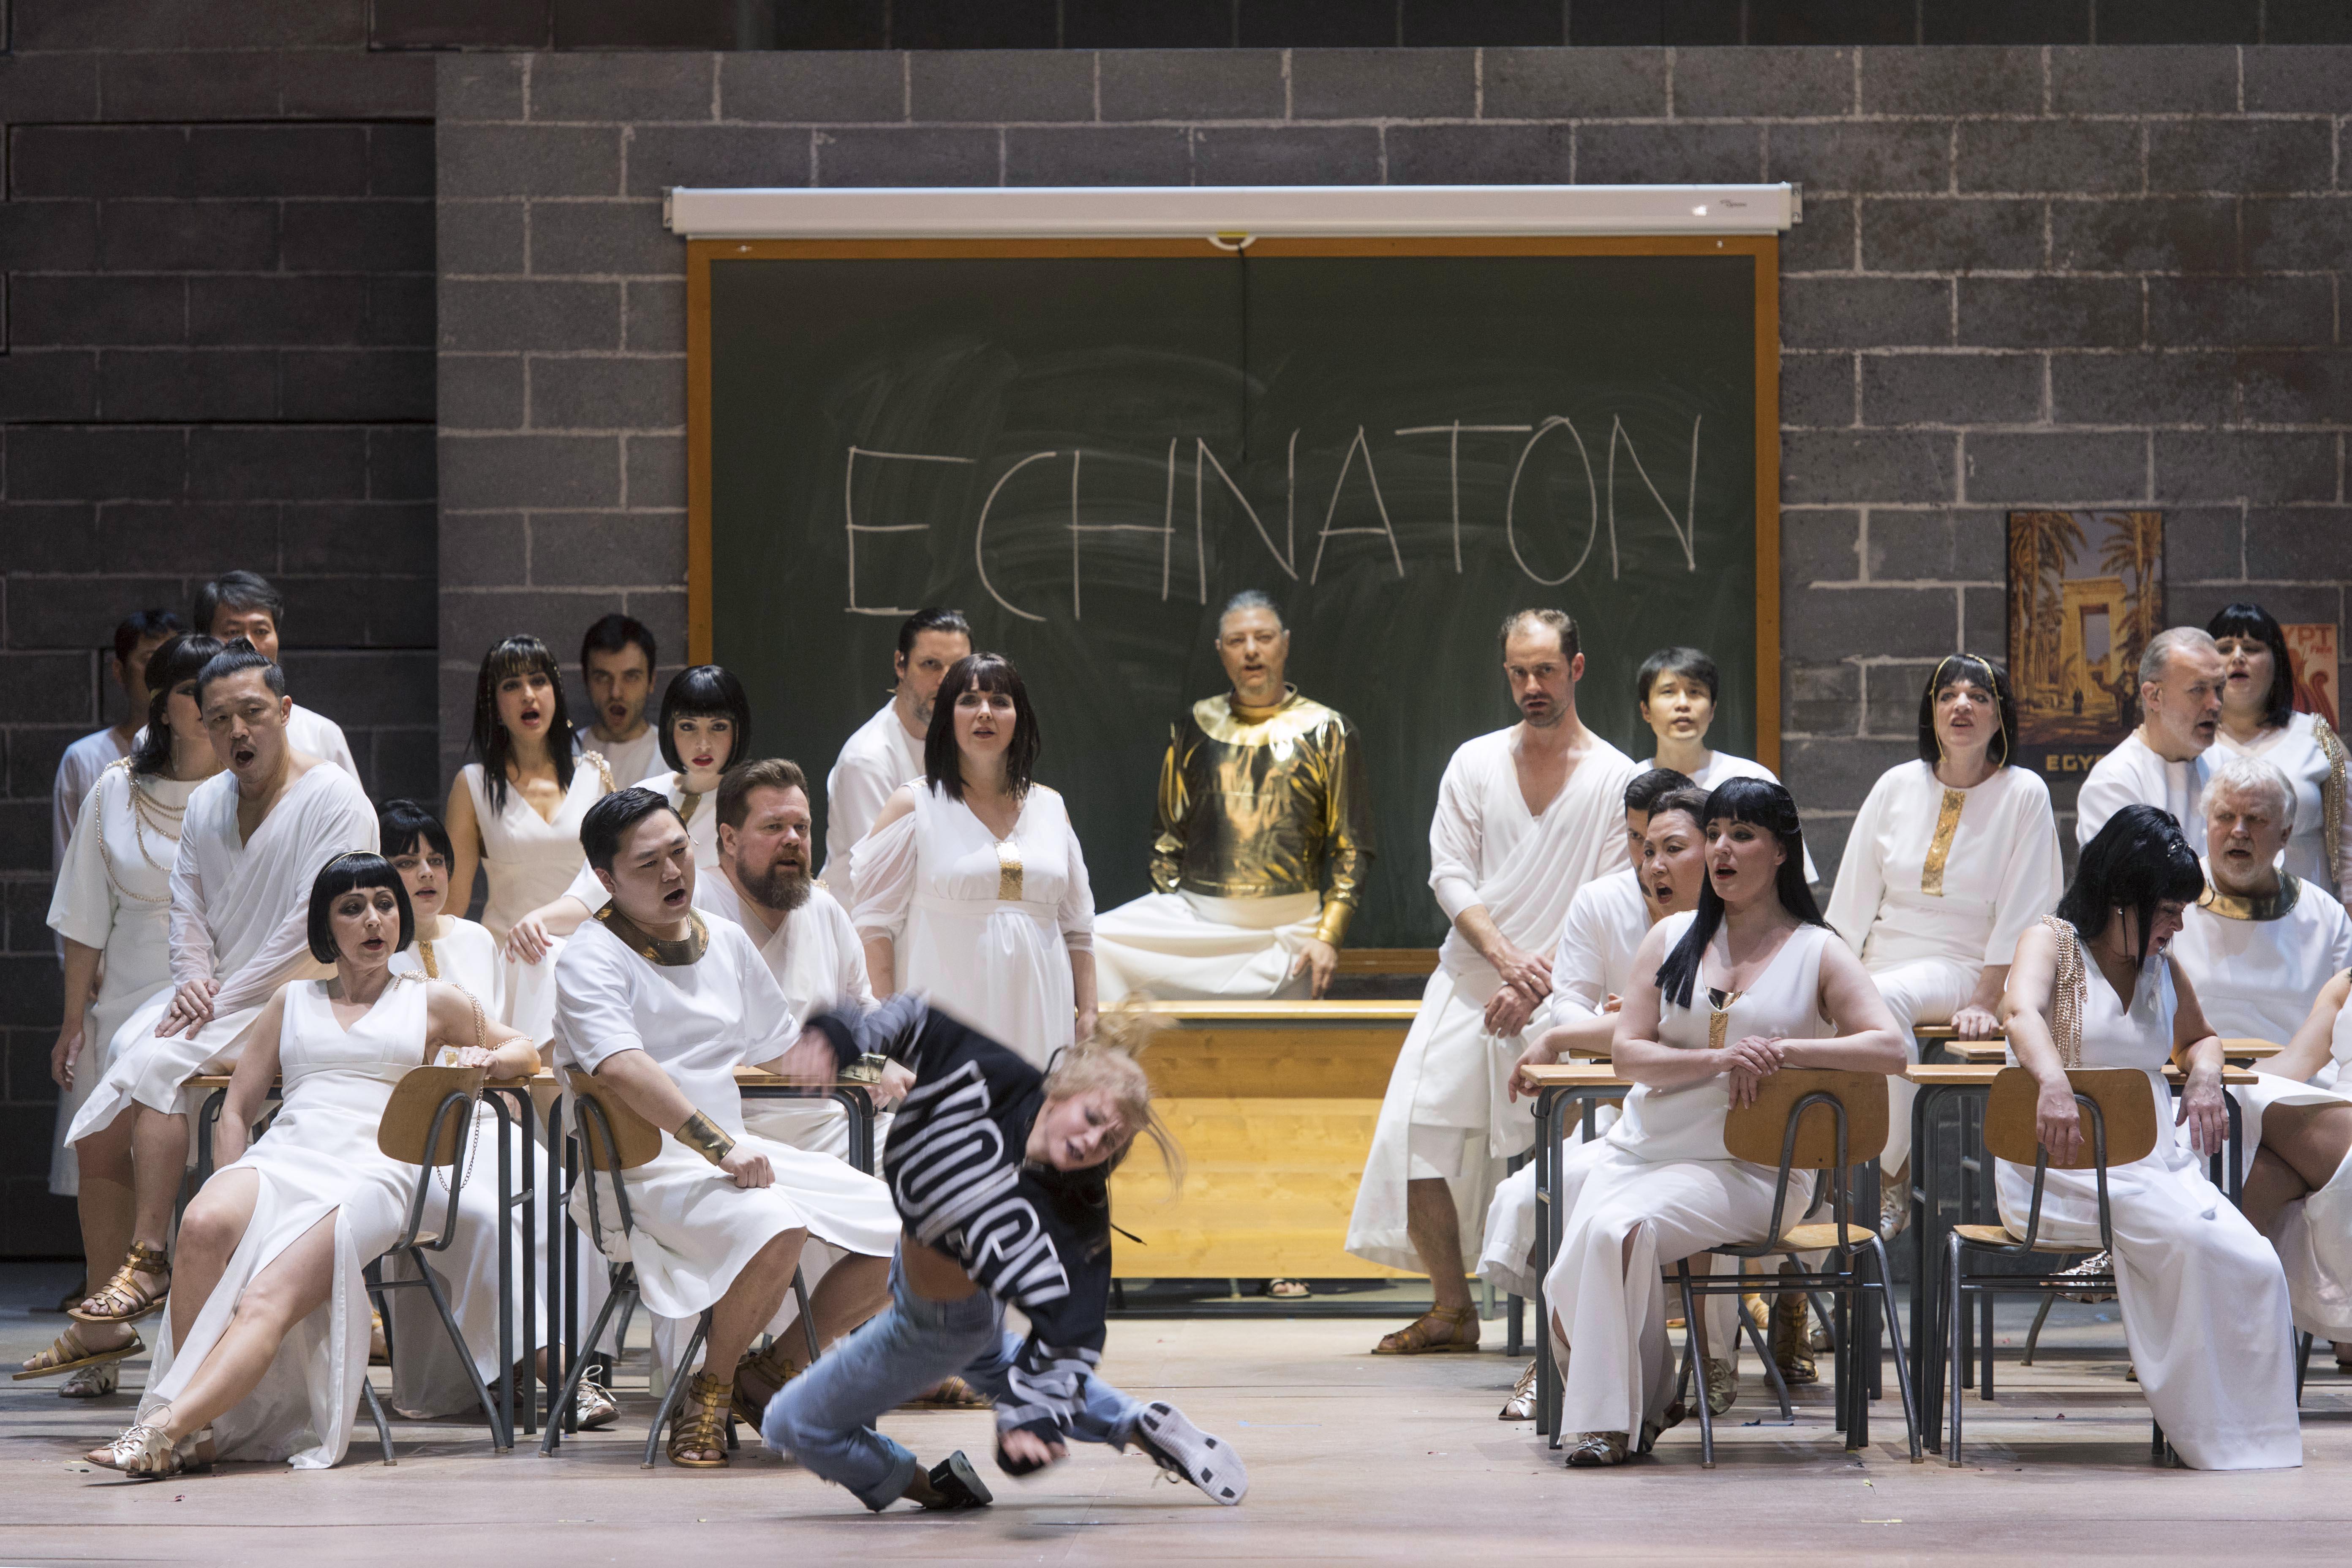 Echnaton im Schulunterricht und ein Mädchen (Tänzerin Katharina Platz) dreht durch. Foto: Thilo Beu